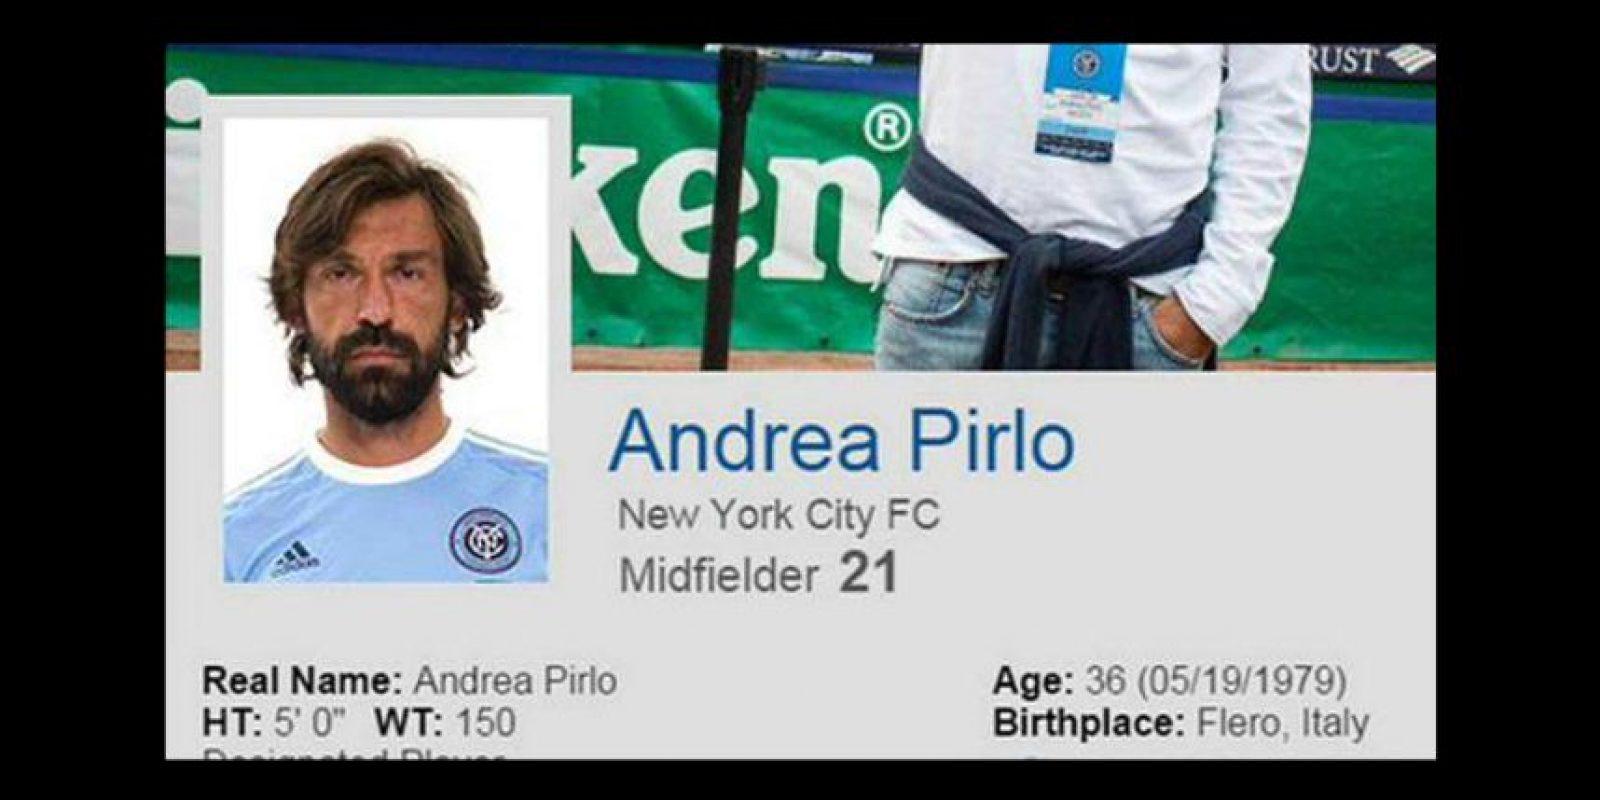 En redes sociales comenzó a circular esta imagen de Andrea Pirlo, como nuevo jugador del New York City FC. Foto:Vía twitter.com/footy_transferr